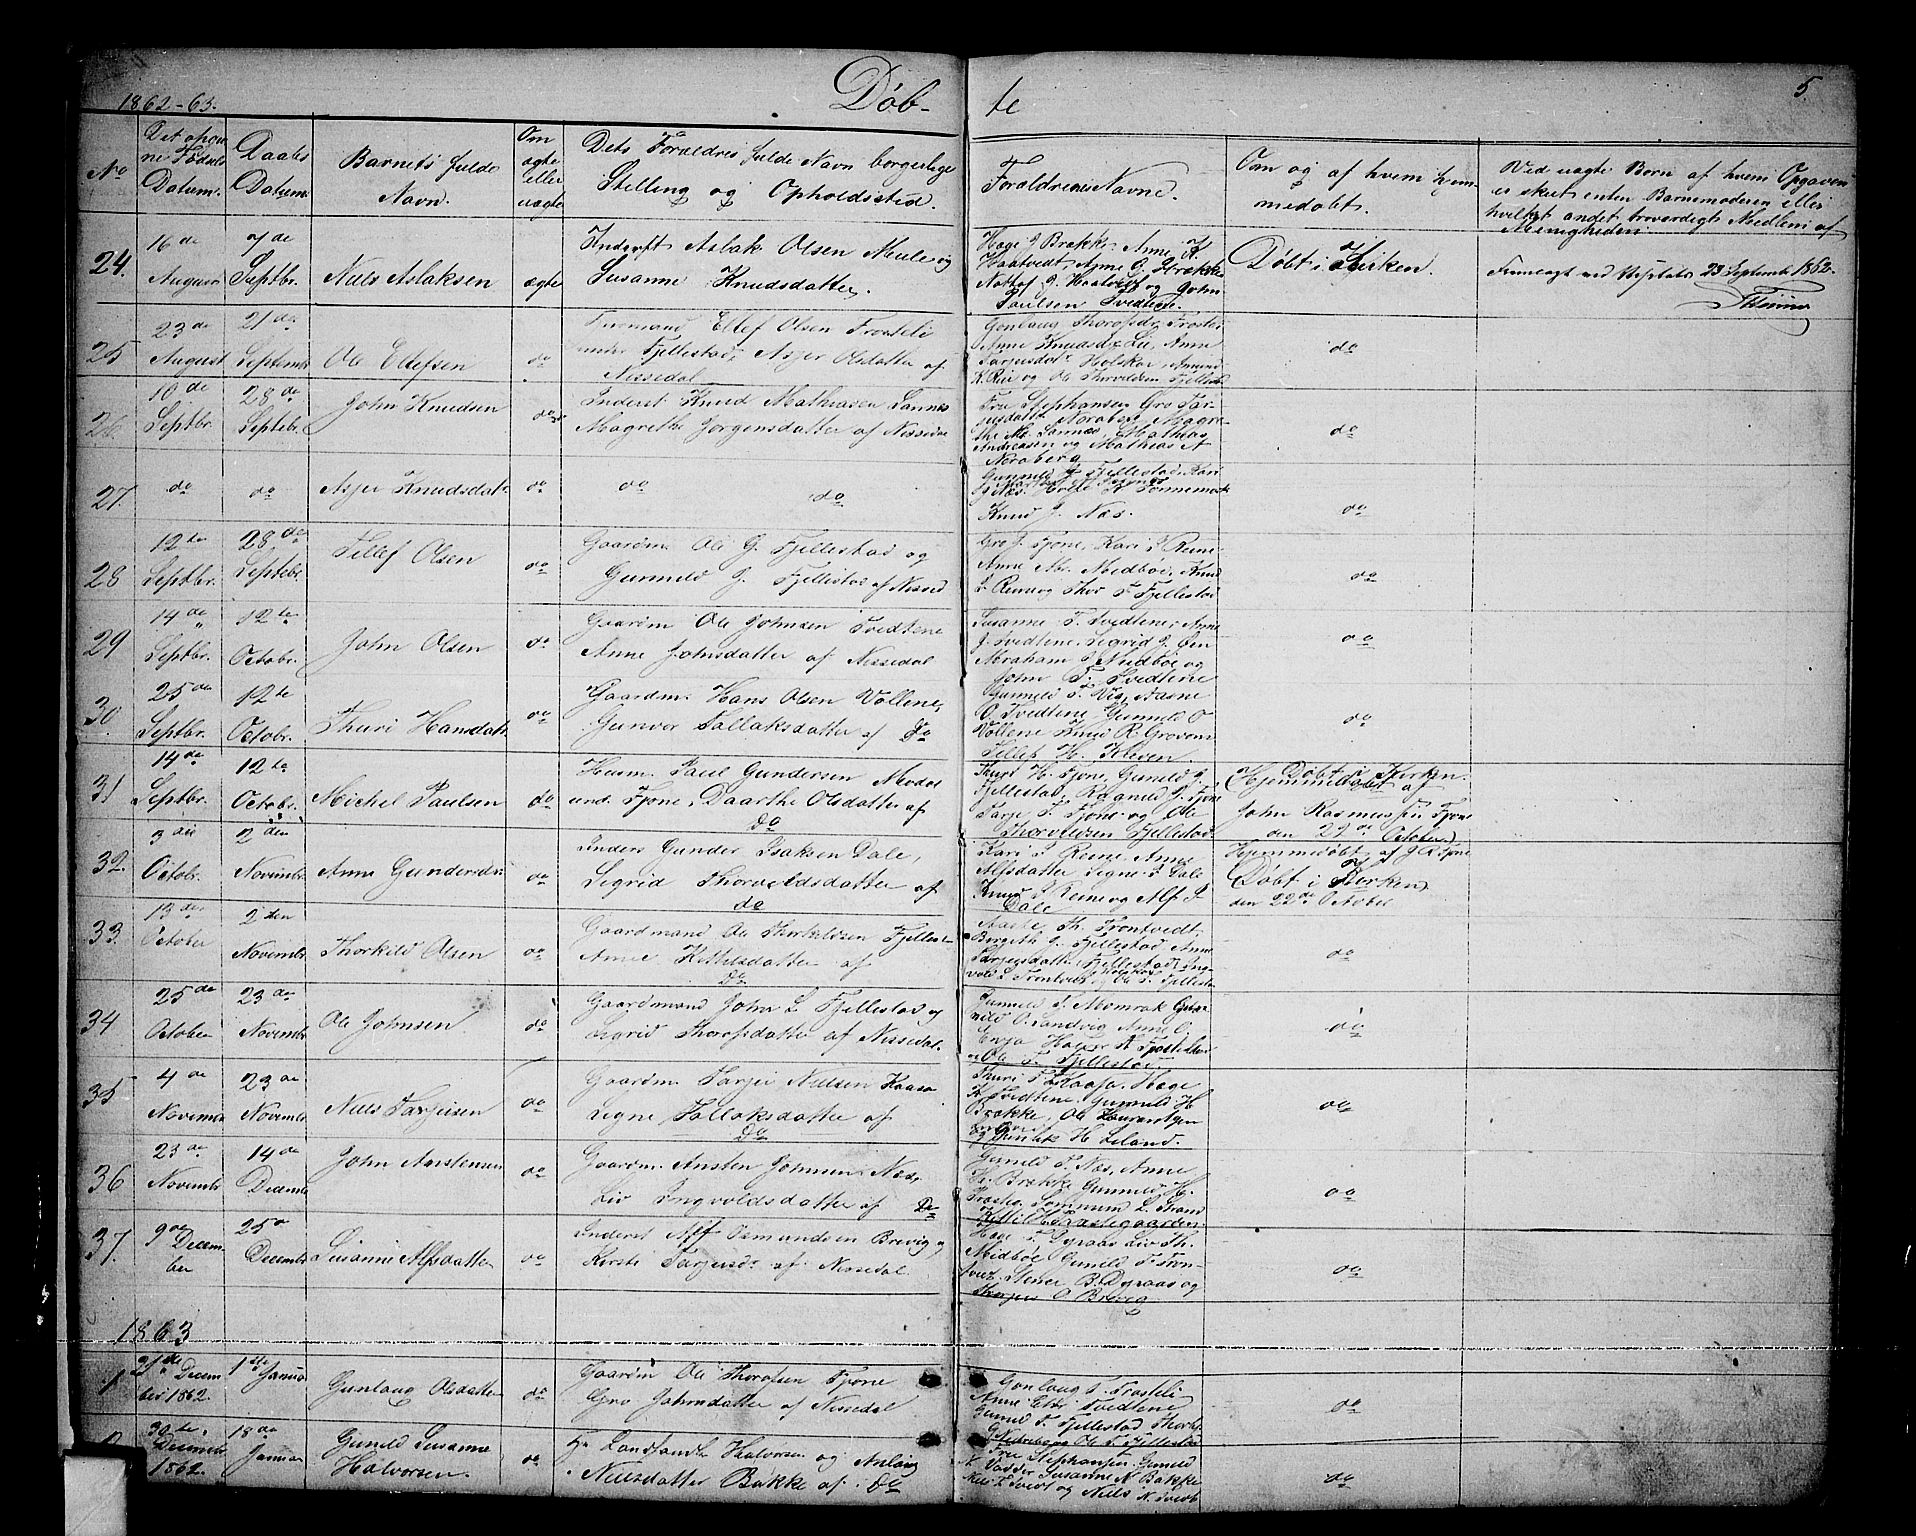 SAKO, Nissedal kirkebøker, G/Ga/L0002: Klokkerbok nr. I 2, 1861-1887, s. 5